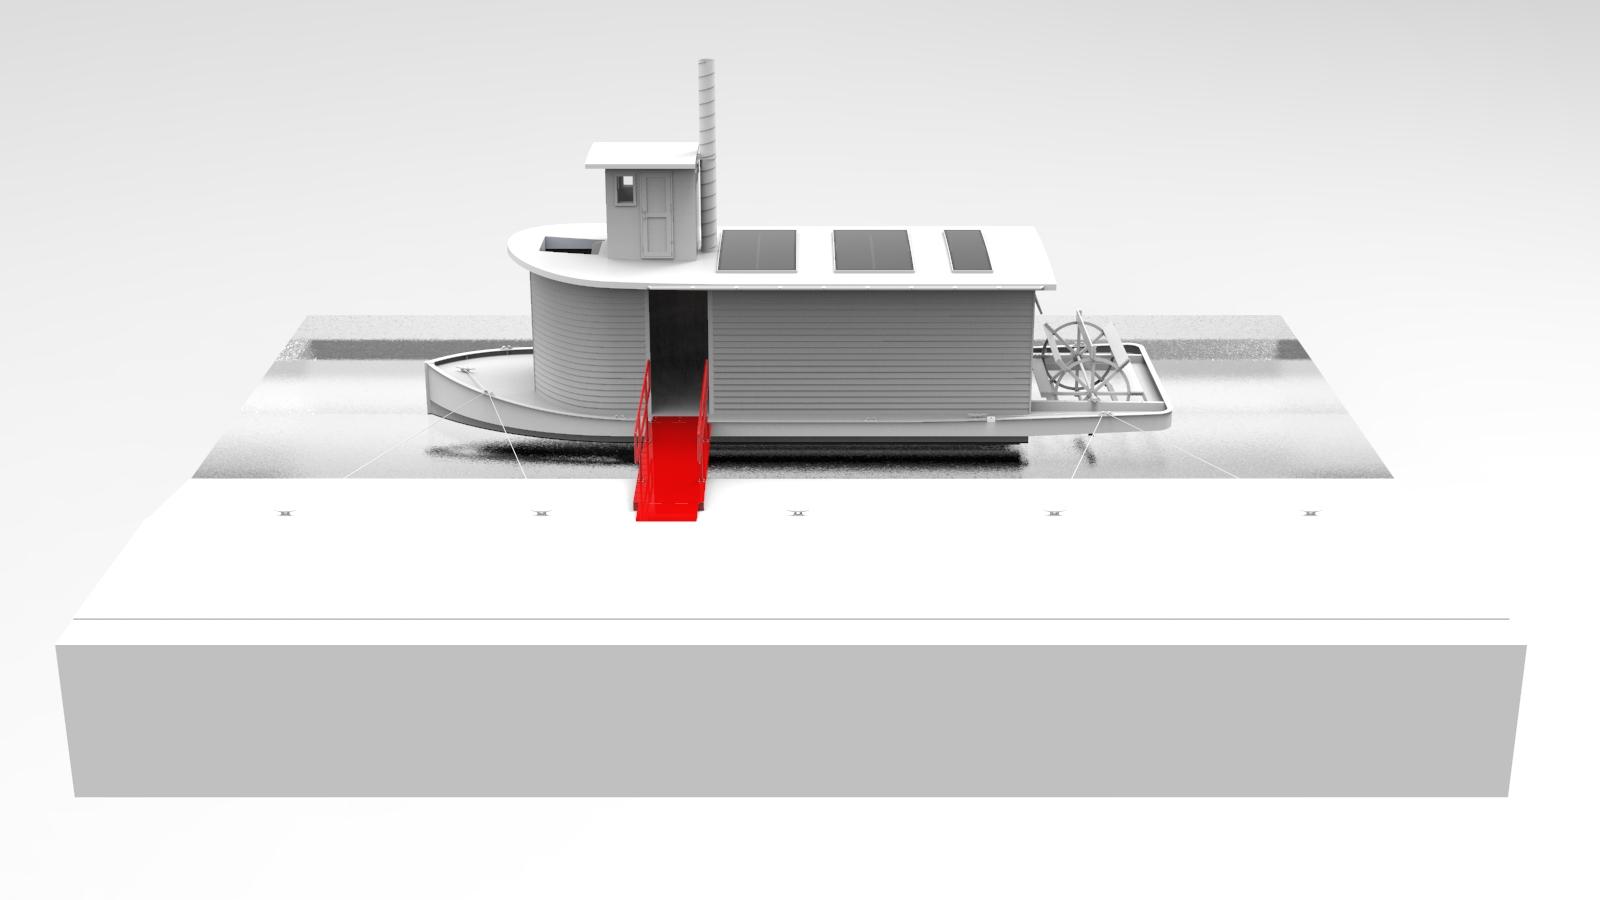 Valiente Boat Render.694.jpg